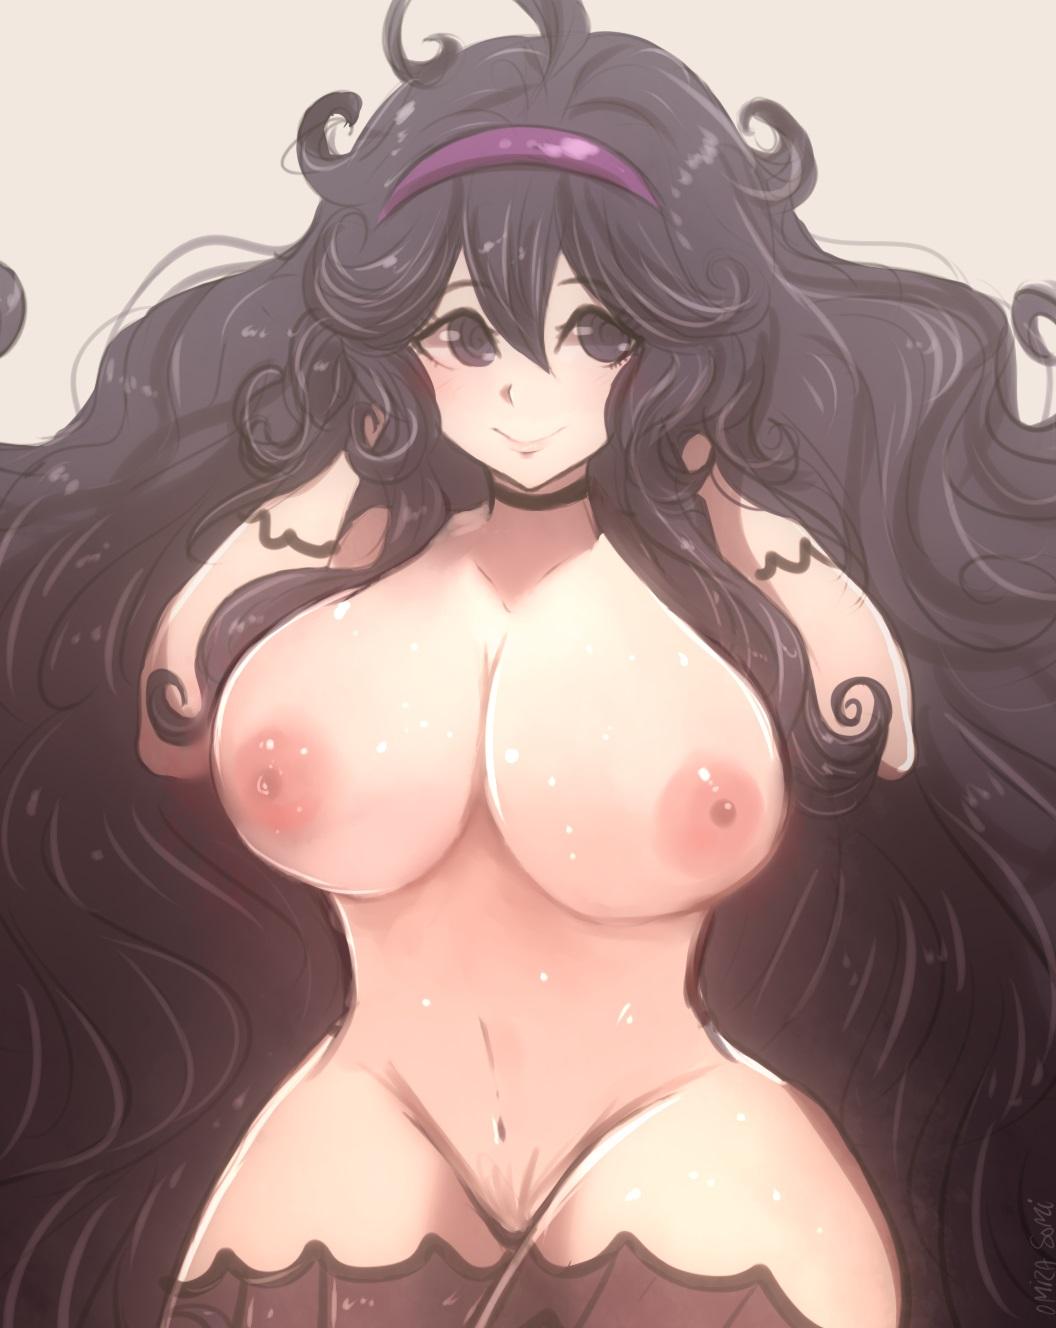 ポケモン女性キャラのエロ画像ver33 [無断転載禁止]©bbspink.com->画像>1344枚